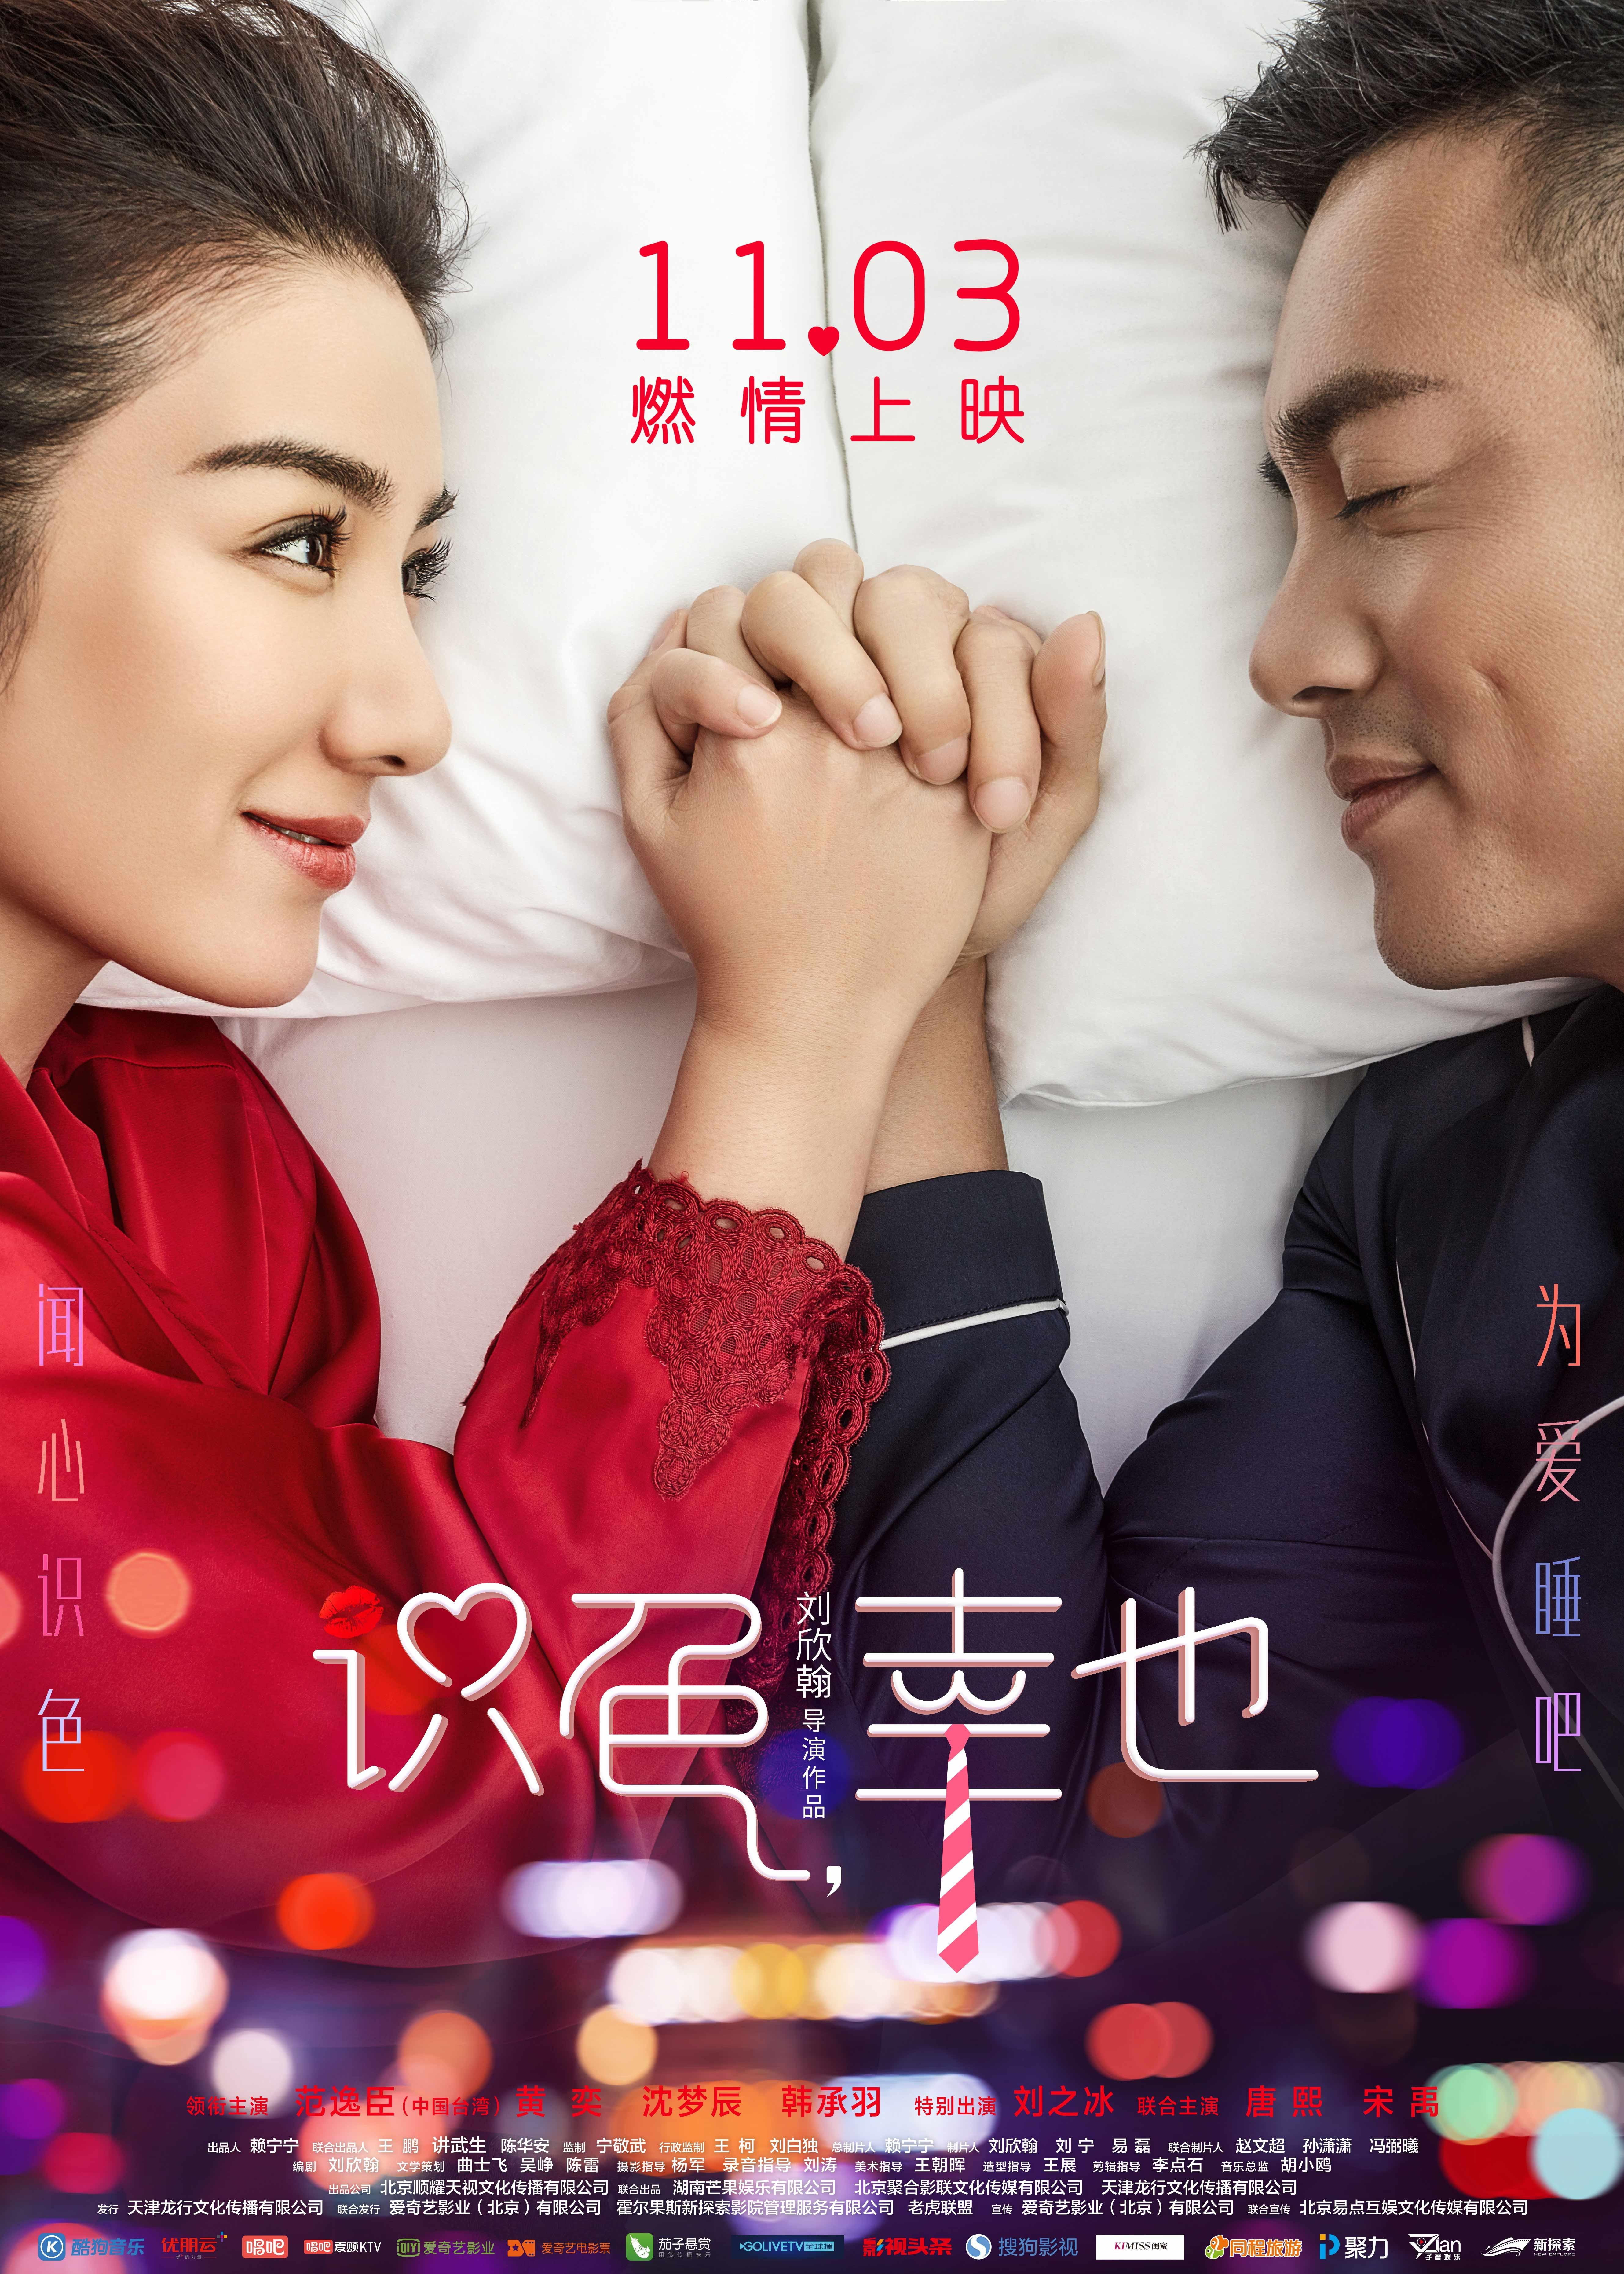 爱情电影网aqdy快播_1905电影网讯 由刘欣翰编剧并执导的都市爱情电影《识色,幸也》发布